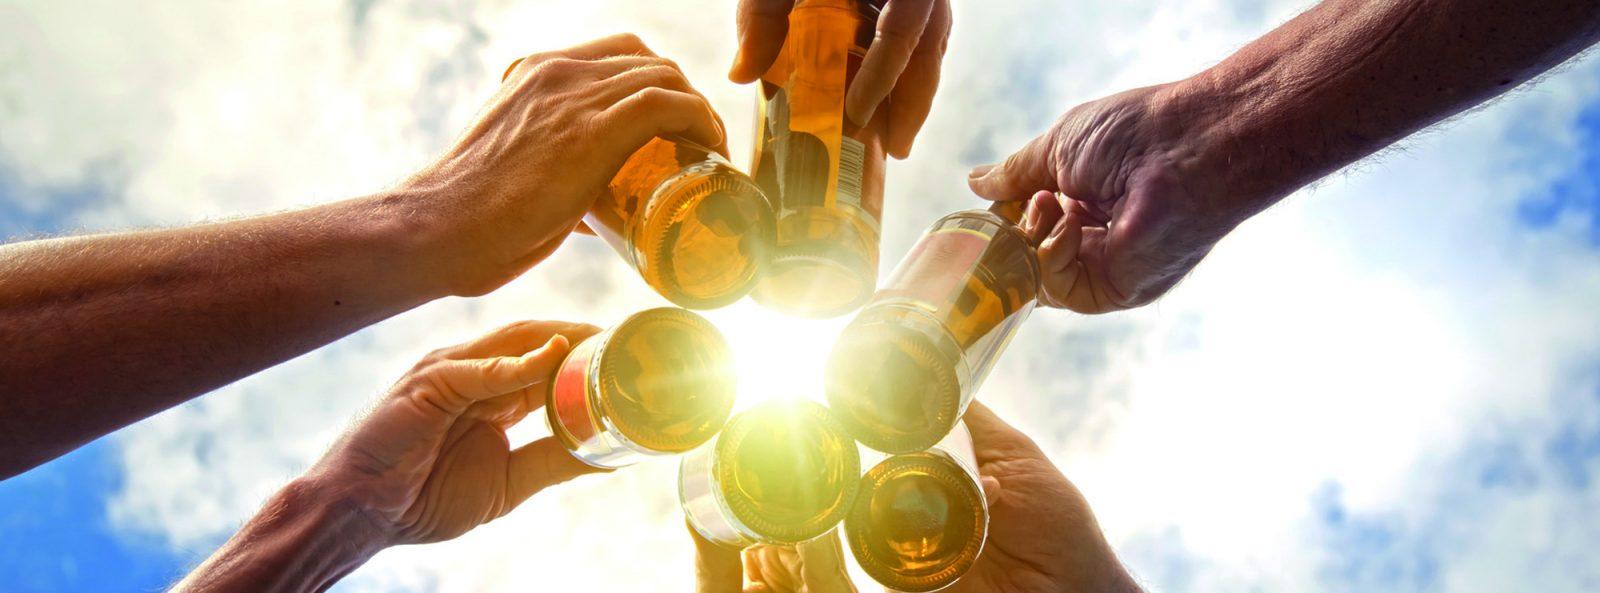 DIE5 | Spargel, Bier und Co: Fünf Lebensmittel, die Brandenburger*innen lieben